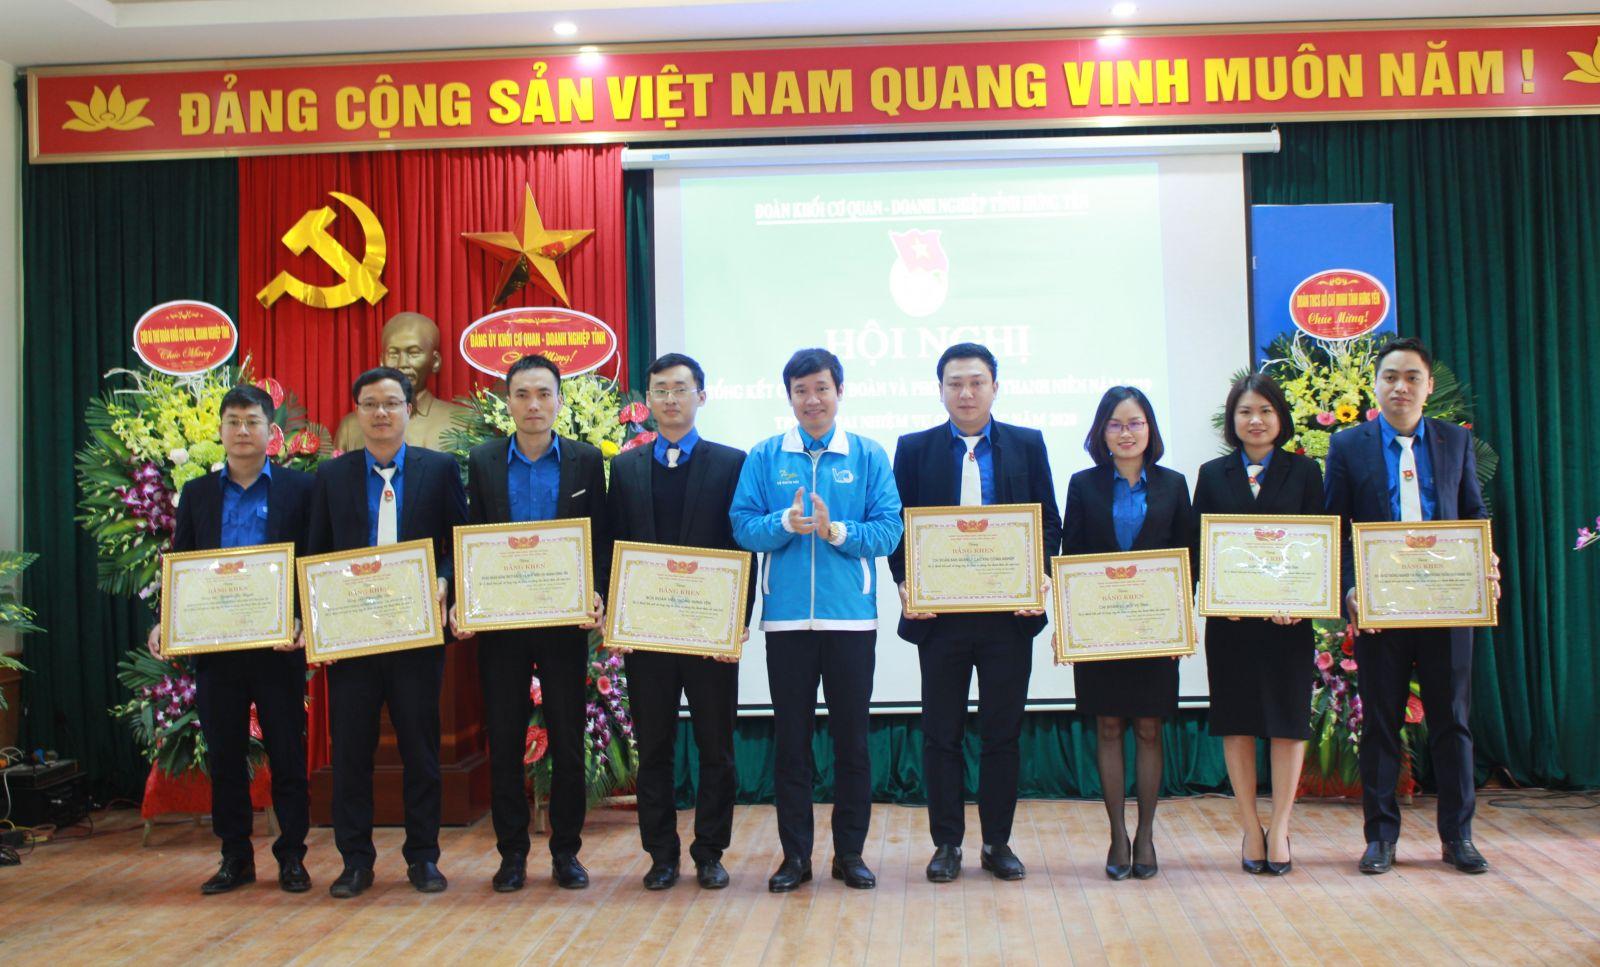 Đoàn khối Cơ quan – Doanh nghiệp tỉnh tổ chức Hội nghị tổng kết công tác Đoàn năm 2019 và triển khai nhiệm vụ công tác năm 2020